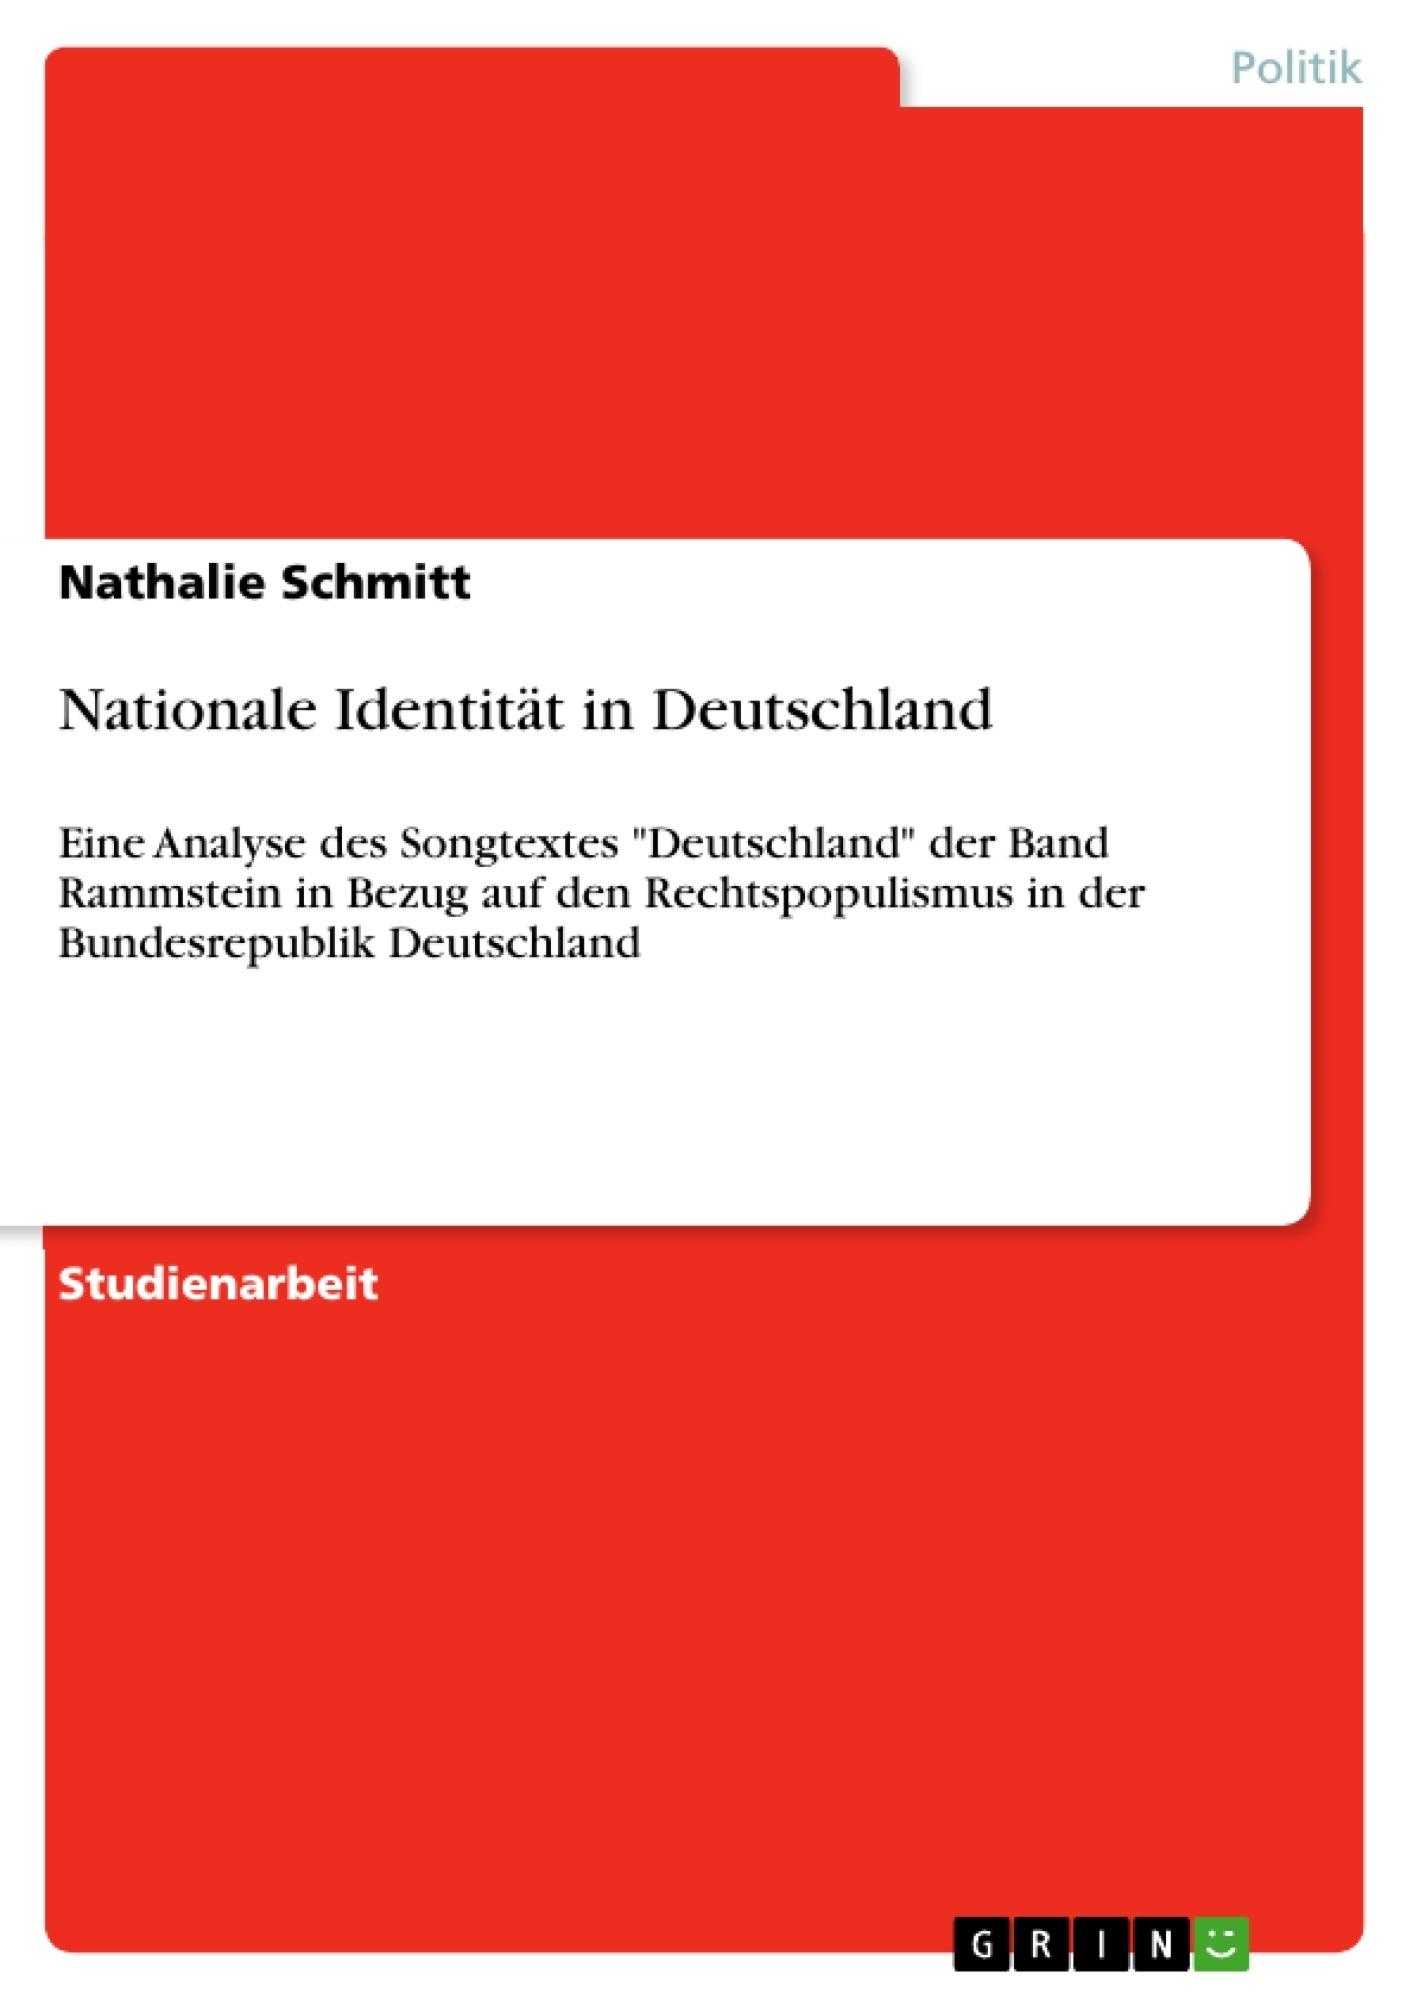 Titel: Nationale Identität in Deutschland